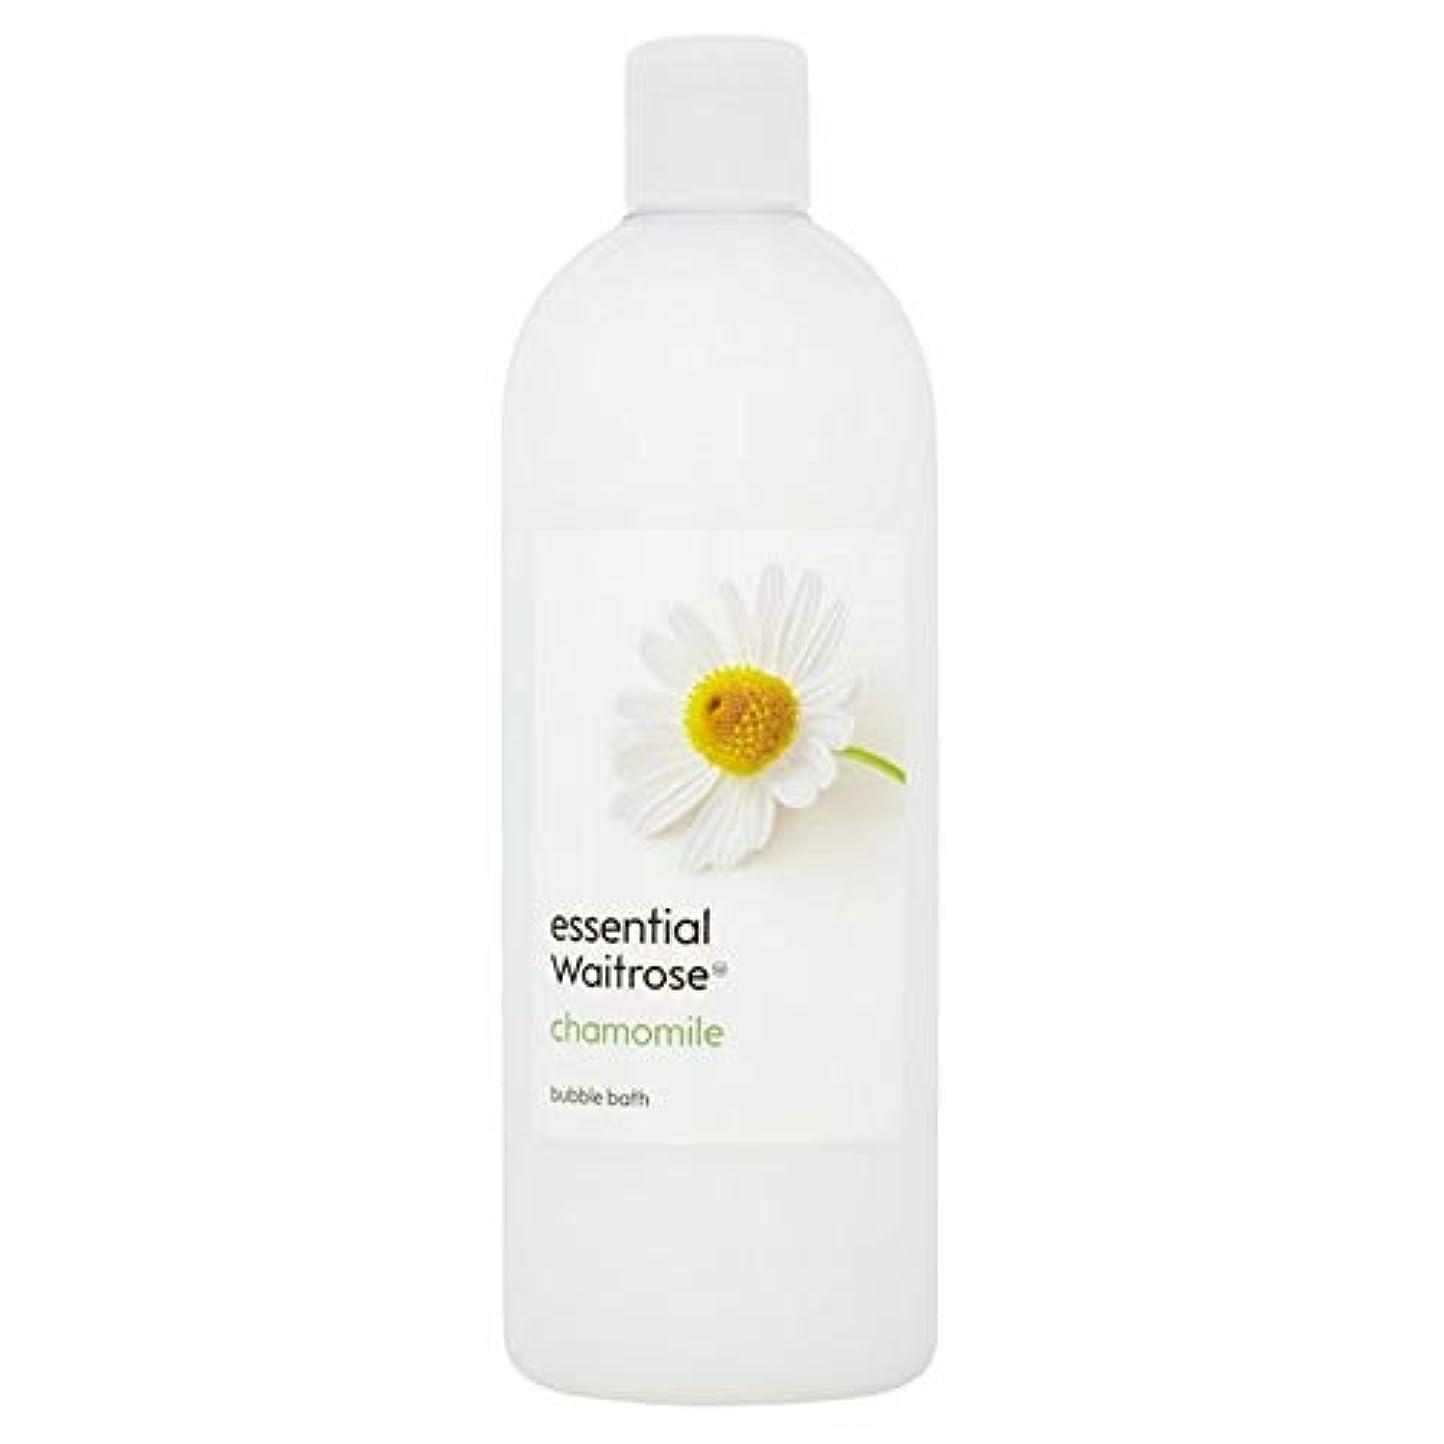 彼ら読みやすいカテナ[Waitrose ] 基本的なウェイトローズ泡風呂のカモミール750ミリリットル - Essential Waitrose Bubble Bath Chamomile 750ml [並行輸入品]